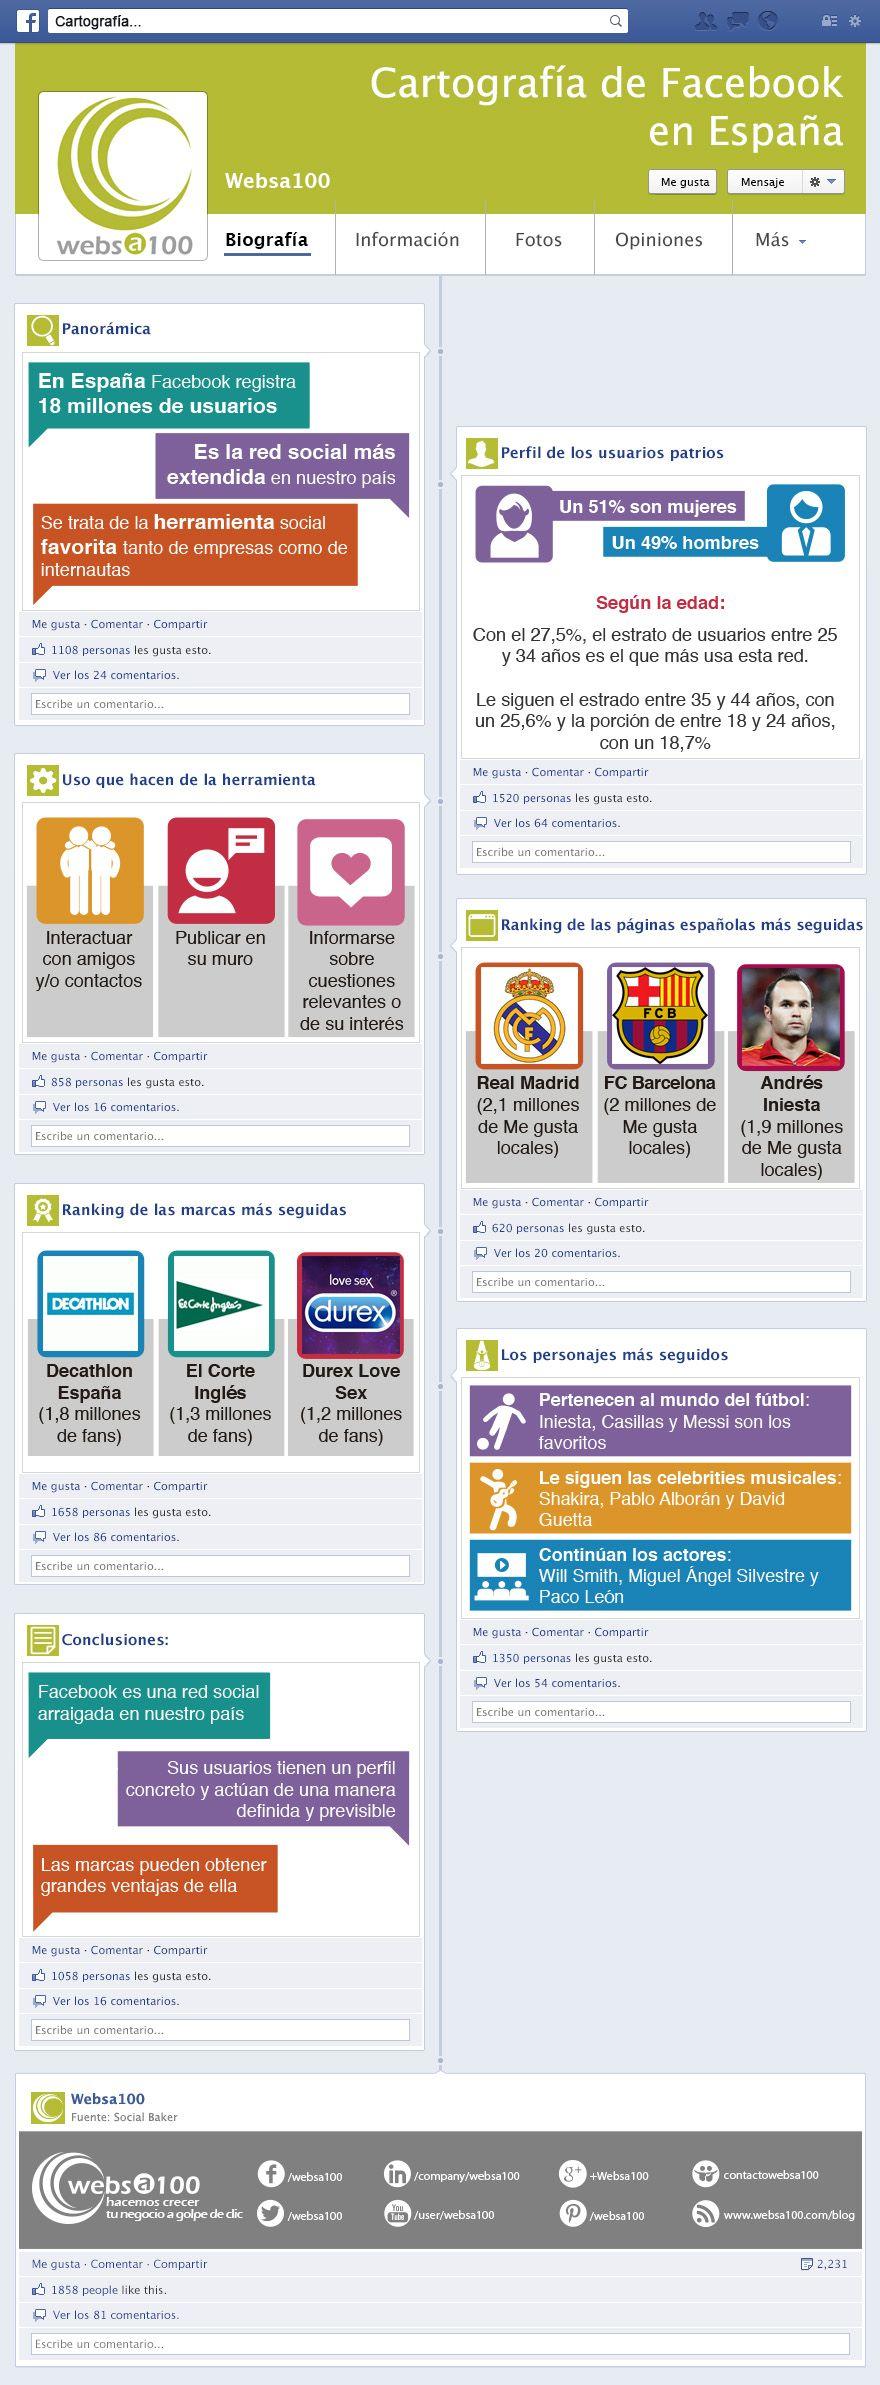 Cartografía de Facebook en España